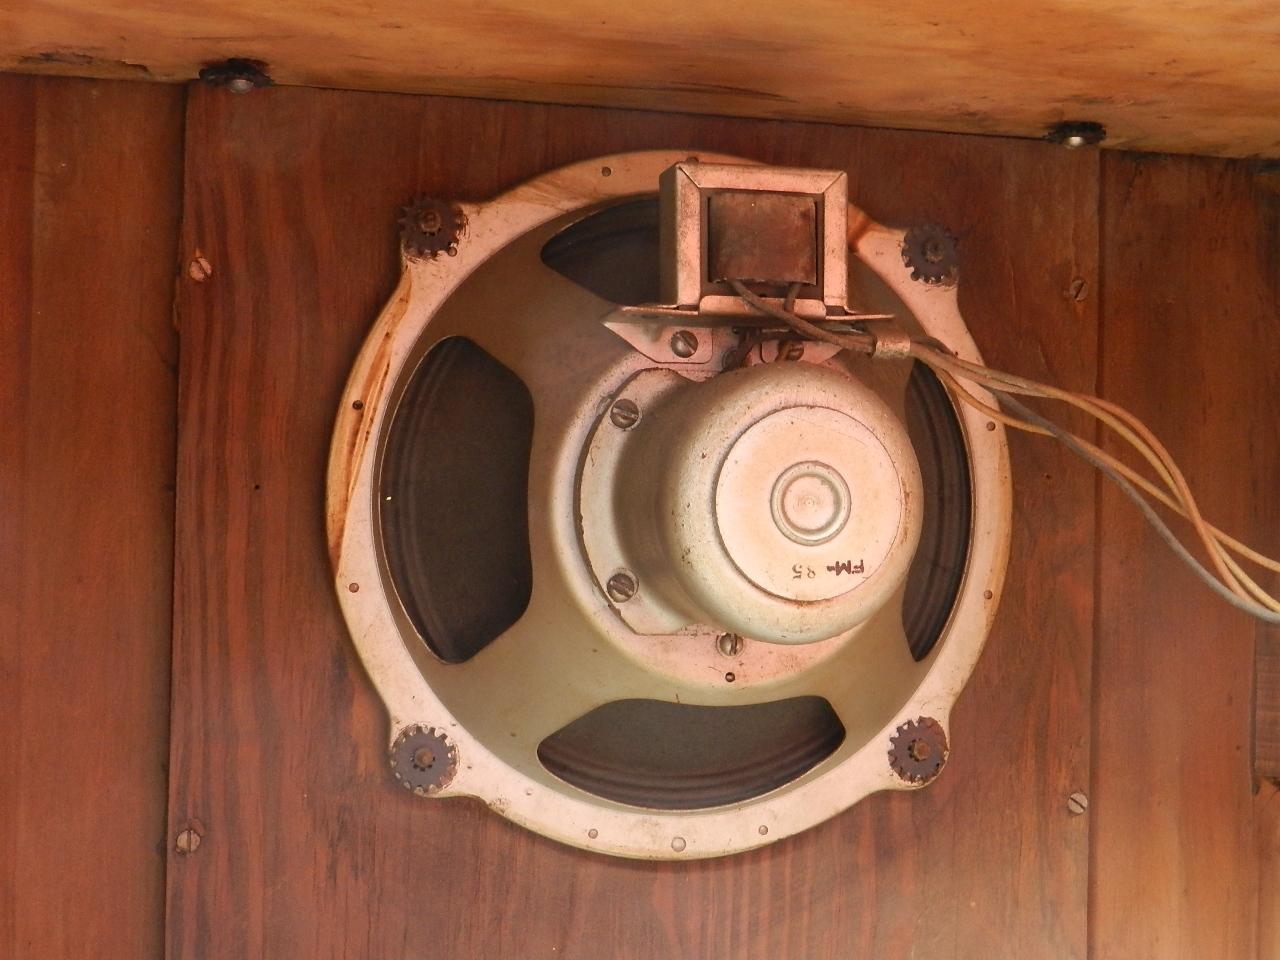 Imagen RADIO GRAMOLA ANDREA AÑO 1940 28559